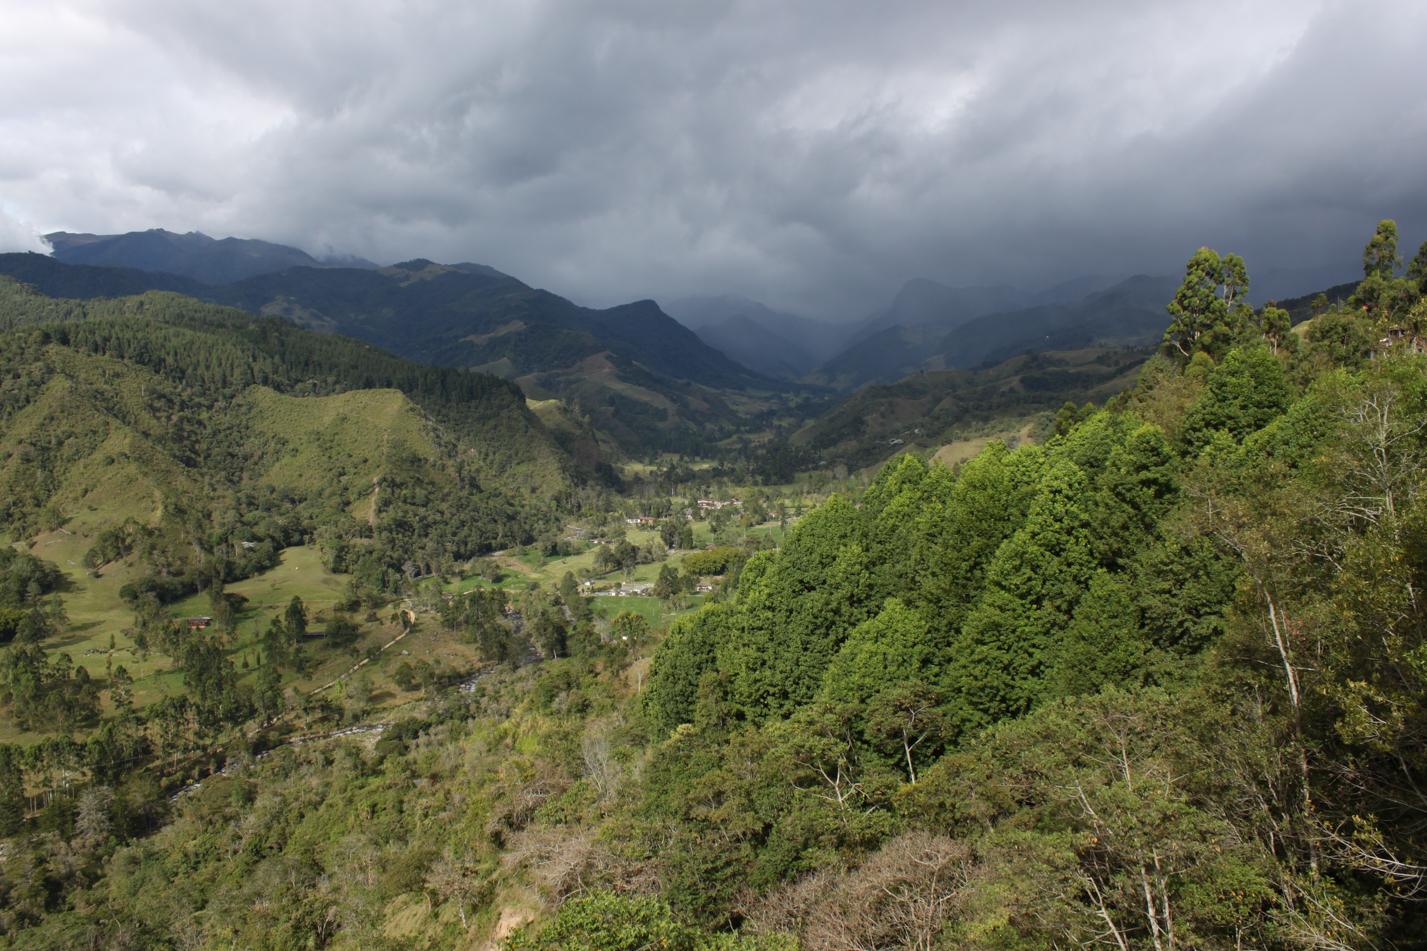 Blick vom Aussichtspunkt ins Valle de Cocora. Dort soll es den nächsten Tag unser Ausflug hinführen.